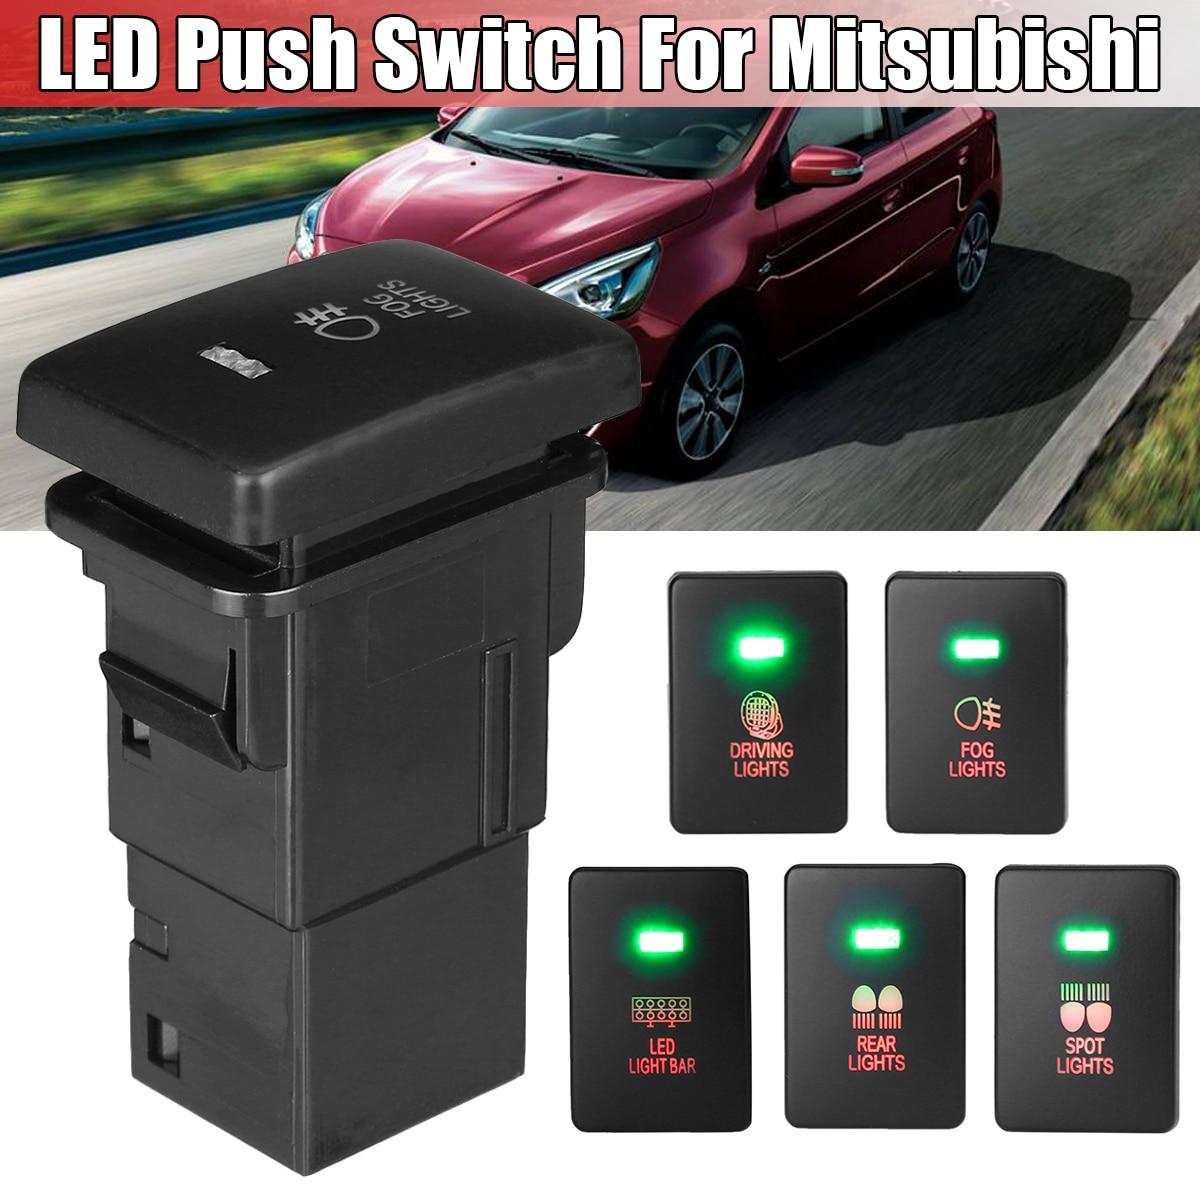 12V автомобильный светильник Кнопка туман пятно Задний ведущий светильник светодиодный светильник бар переключатель для Mitsubishi Mirage в интерн...